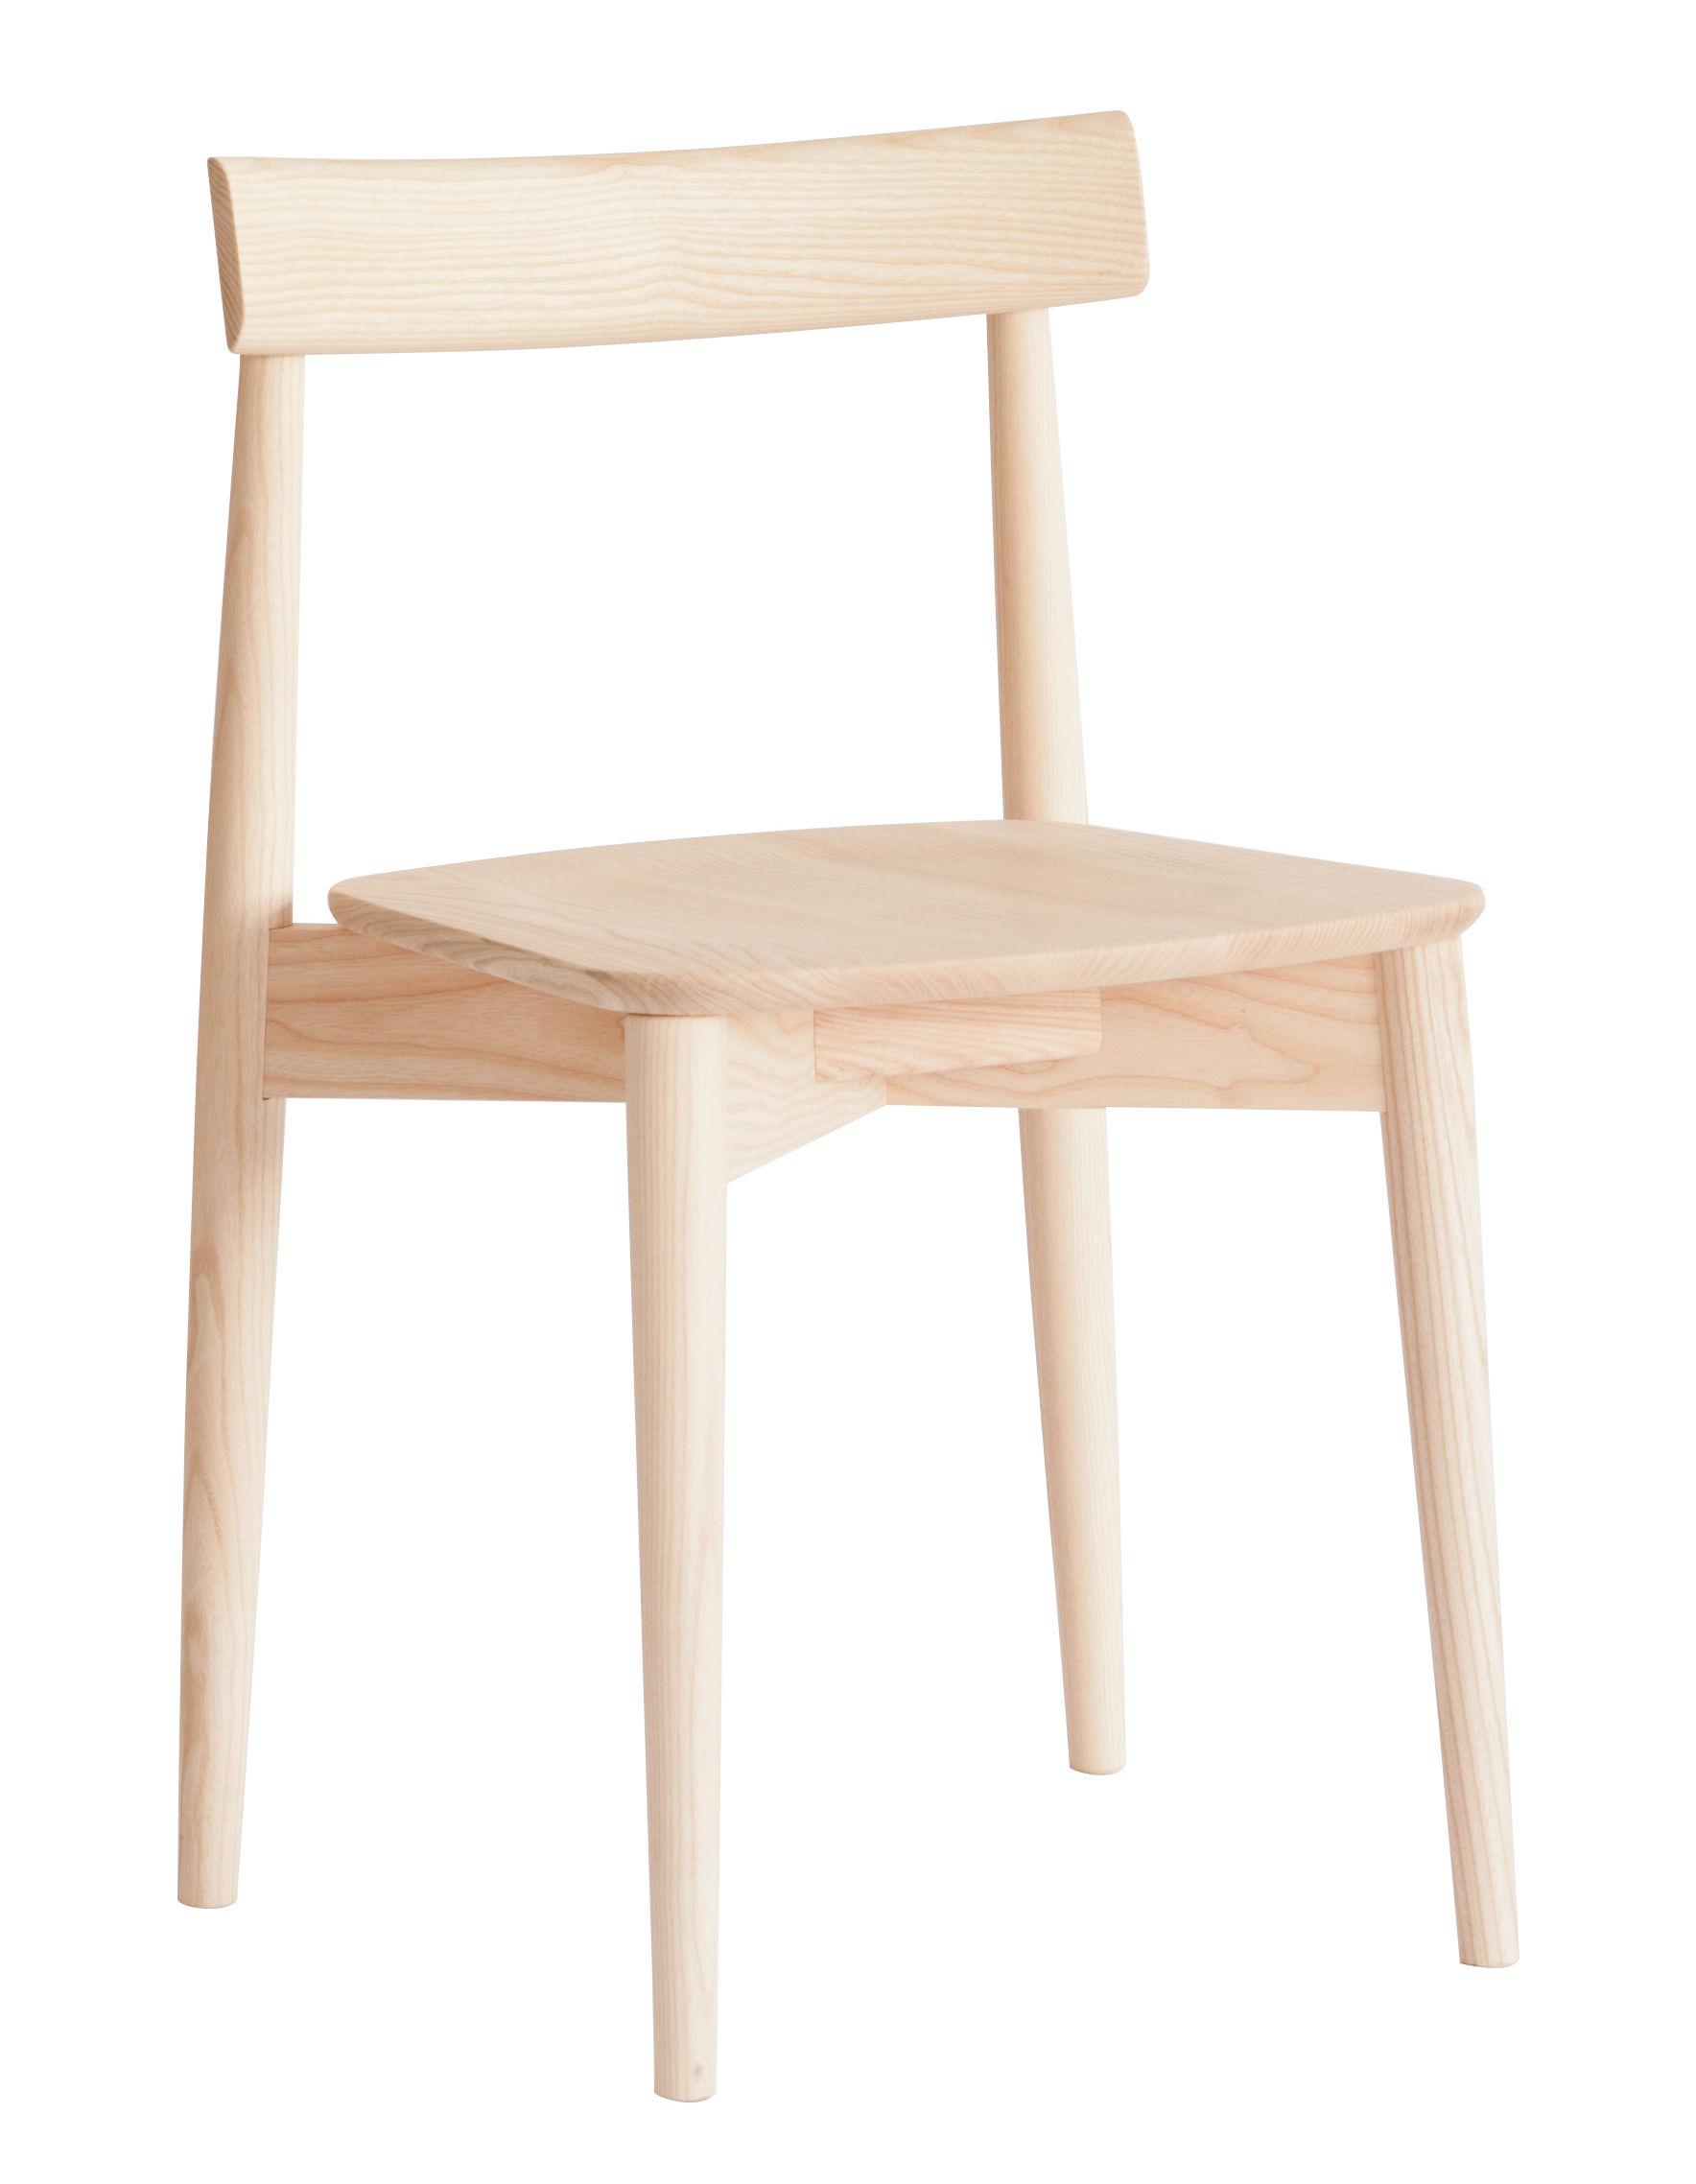 Möbel - Stühle  - Lara Stapelbarer Stuhl / Holz - Ercol - Esche natur - Esche massiv